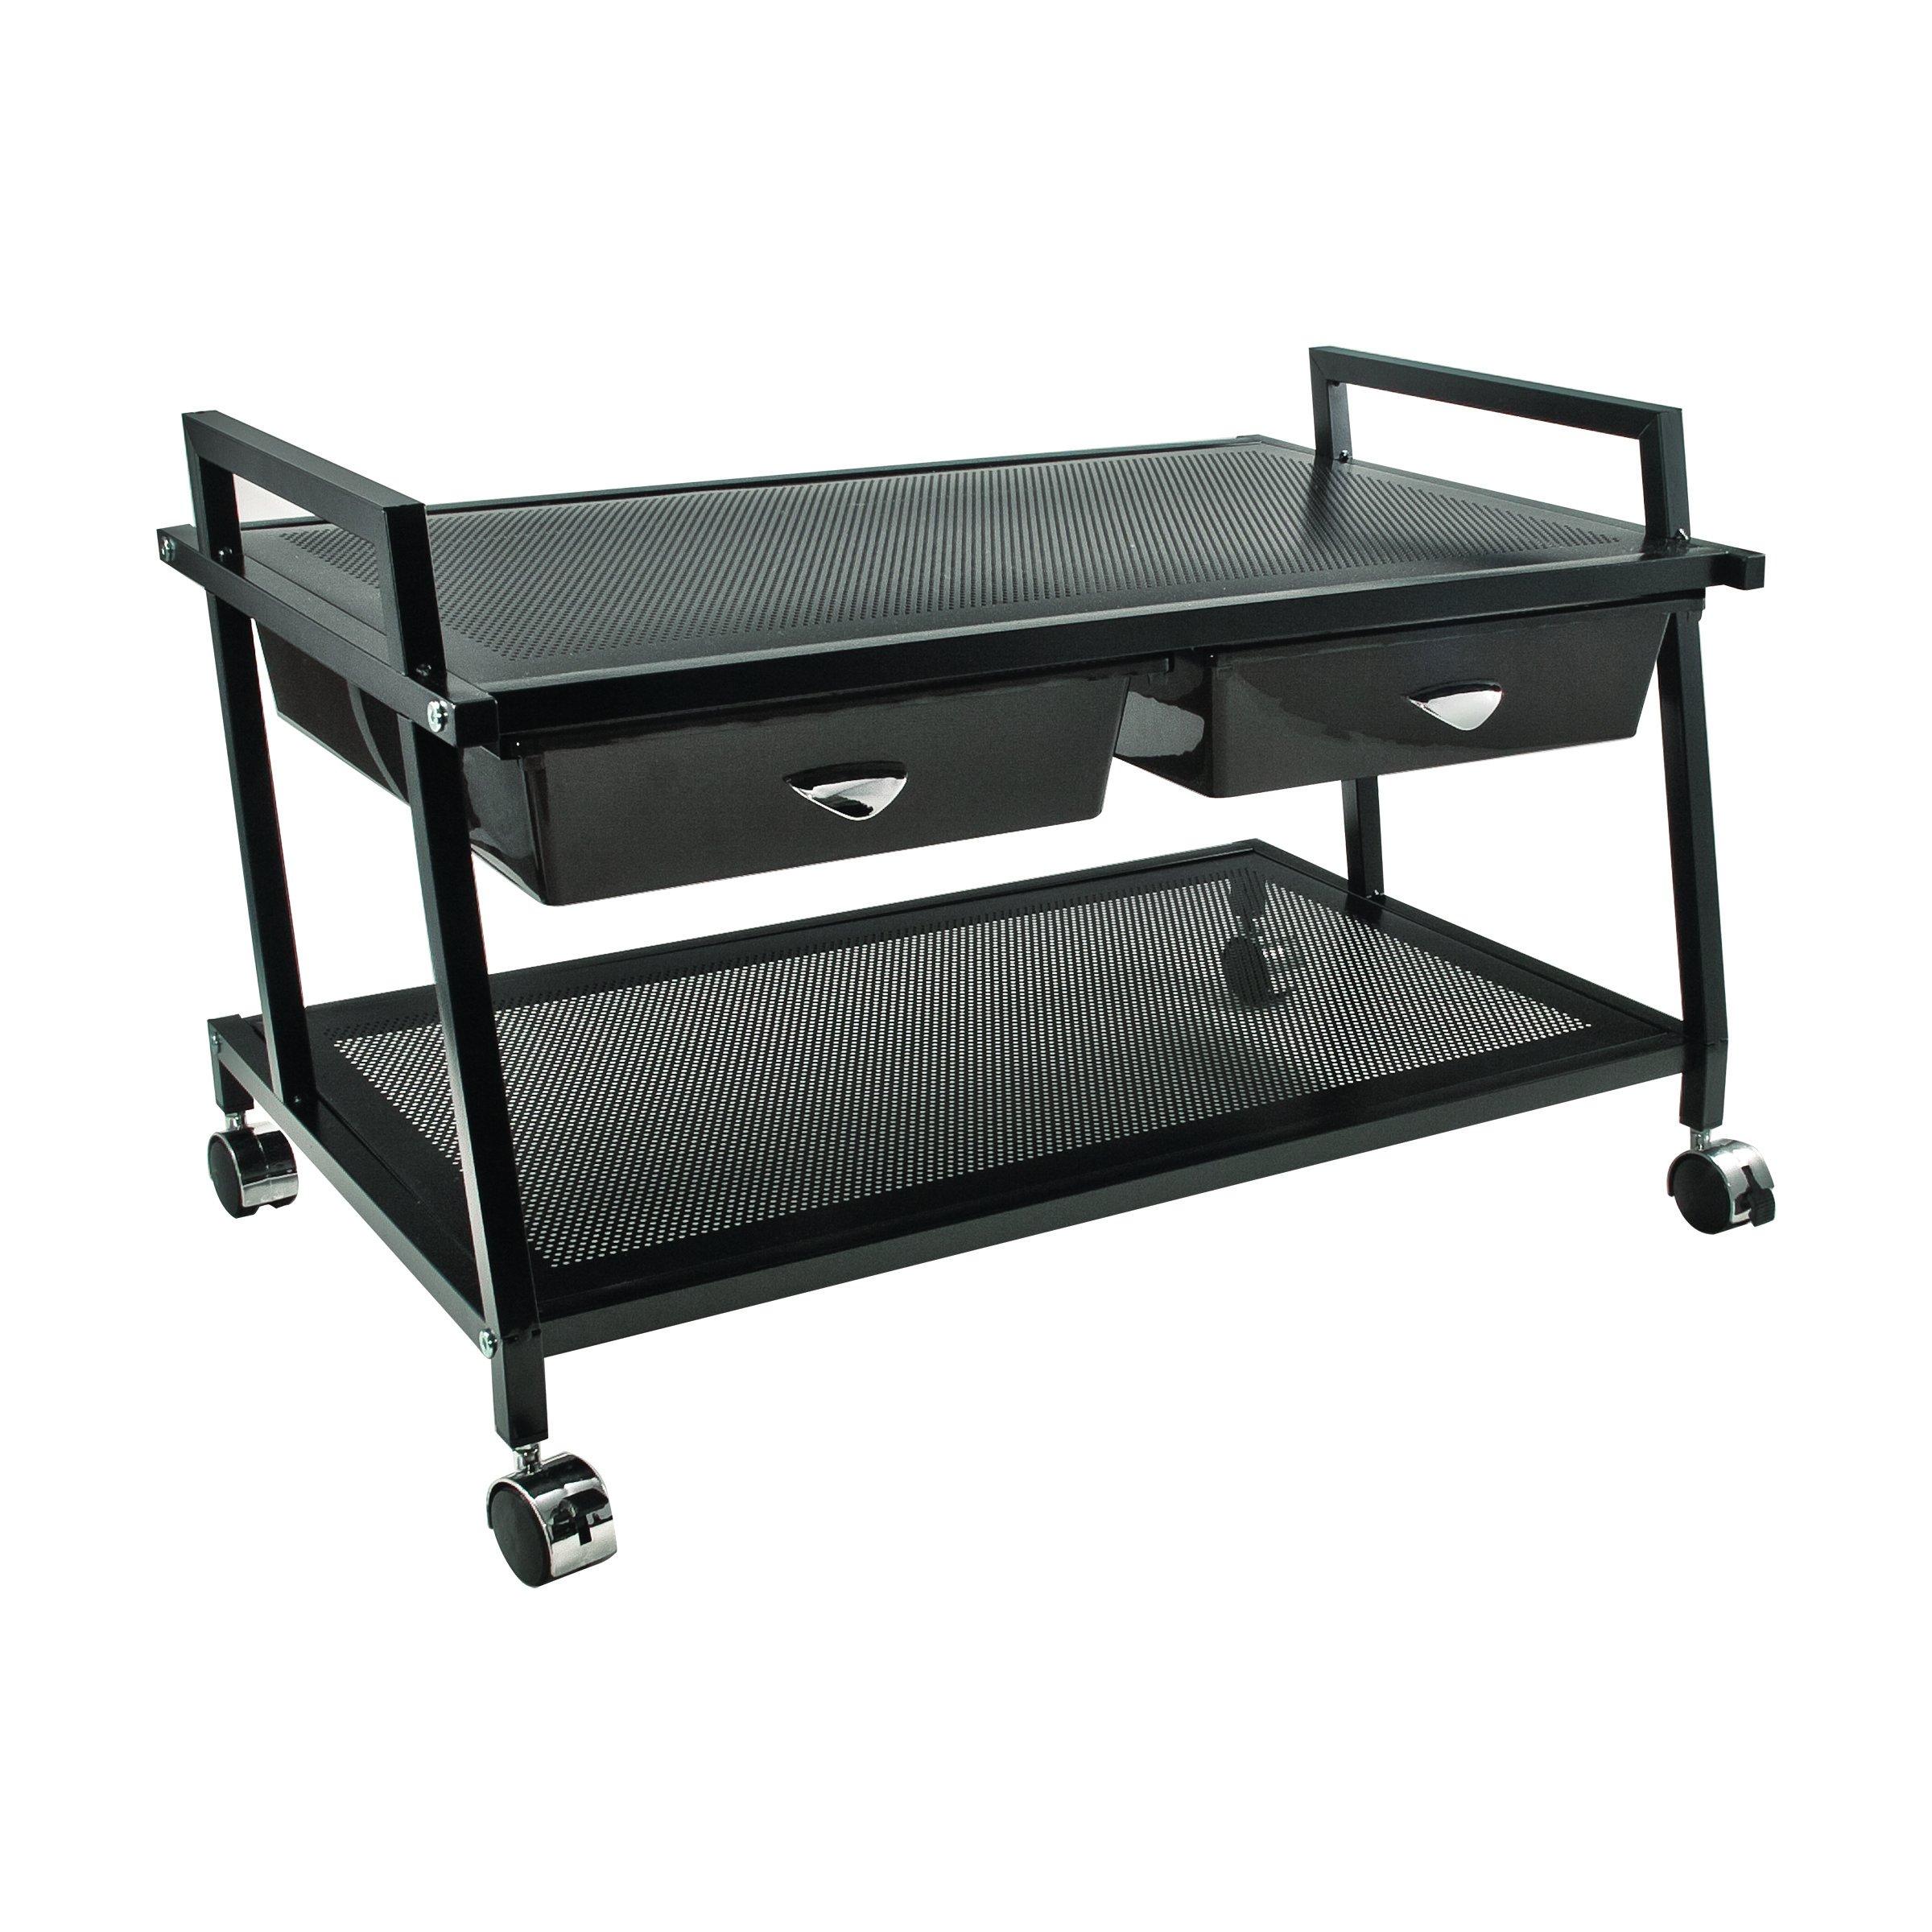 Vertiflex Mobile Underdesk Machine Stand with Supply Drawers, 25 x 15 x 15 Inches, Black (VF95530) by Vertiflex